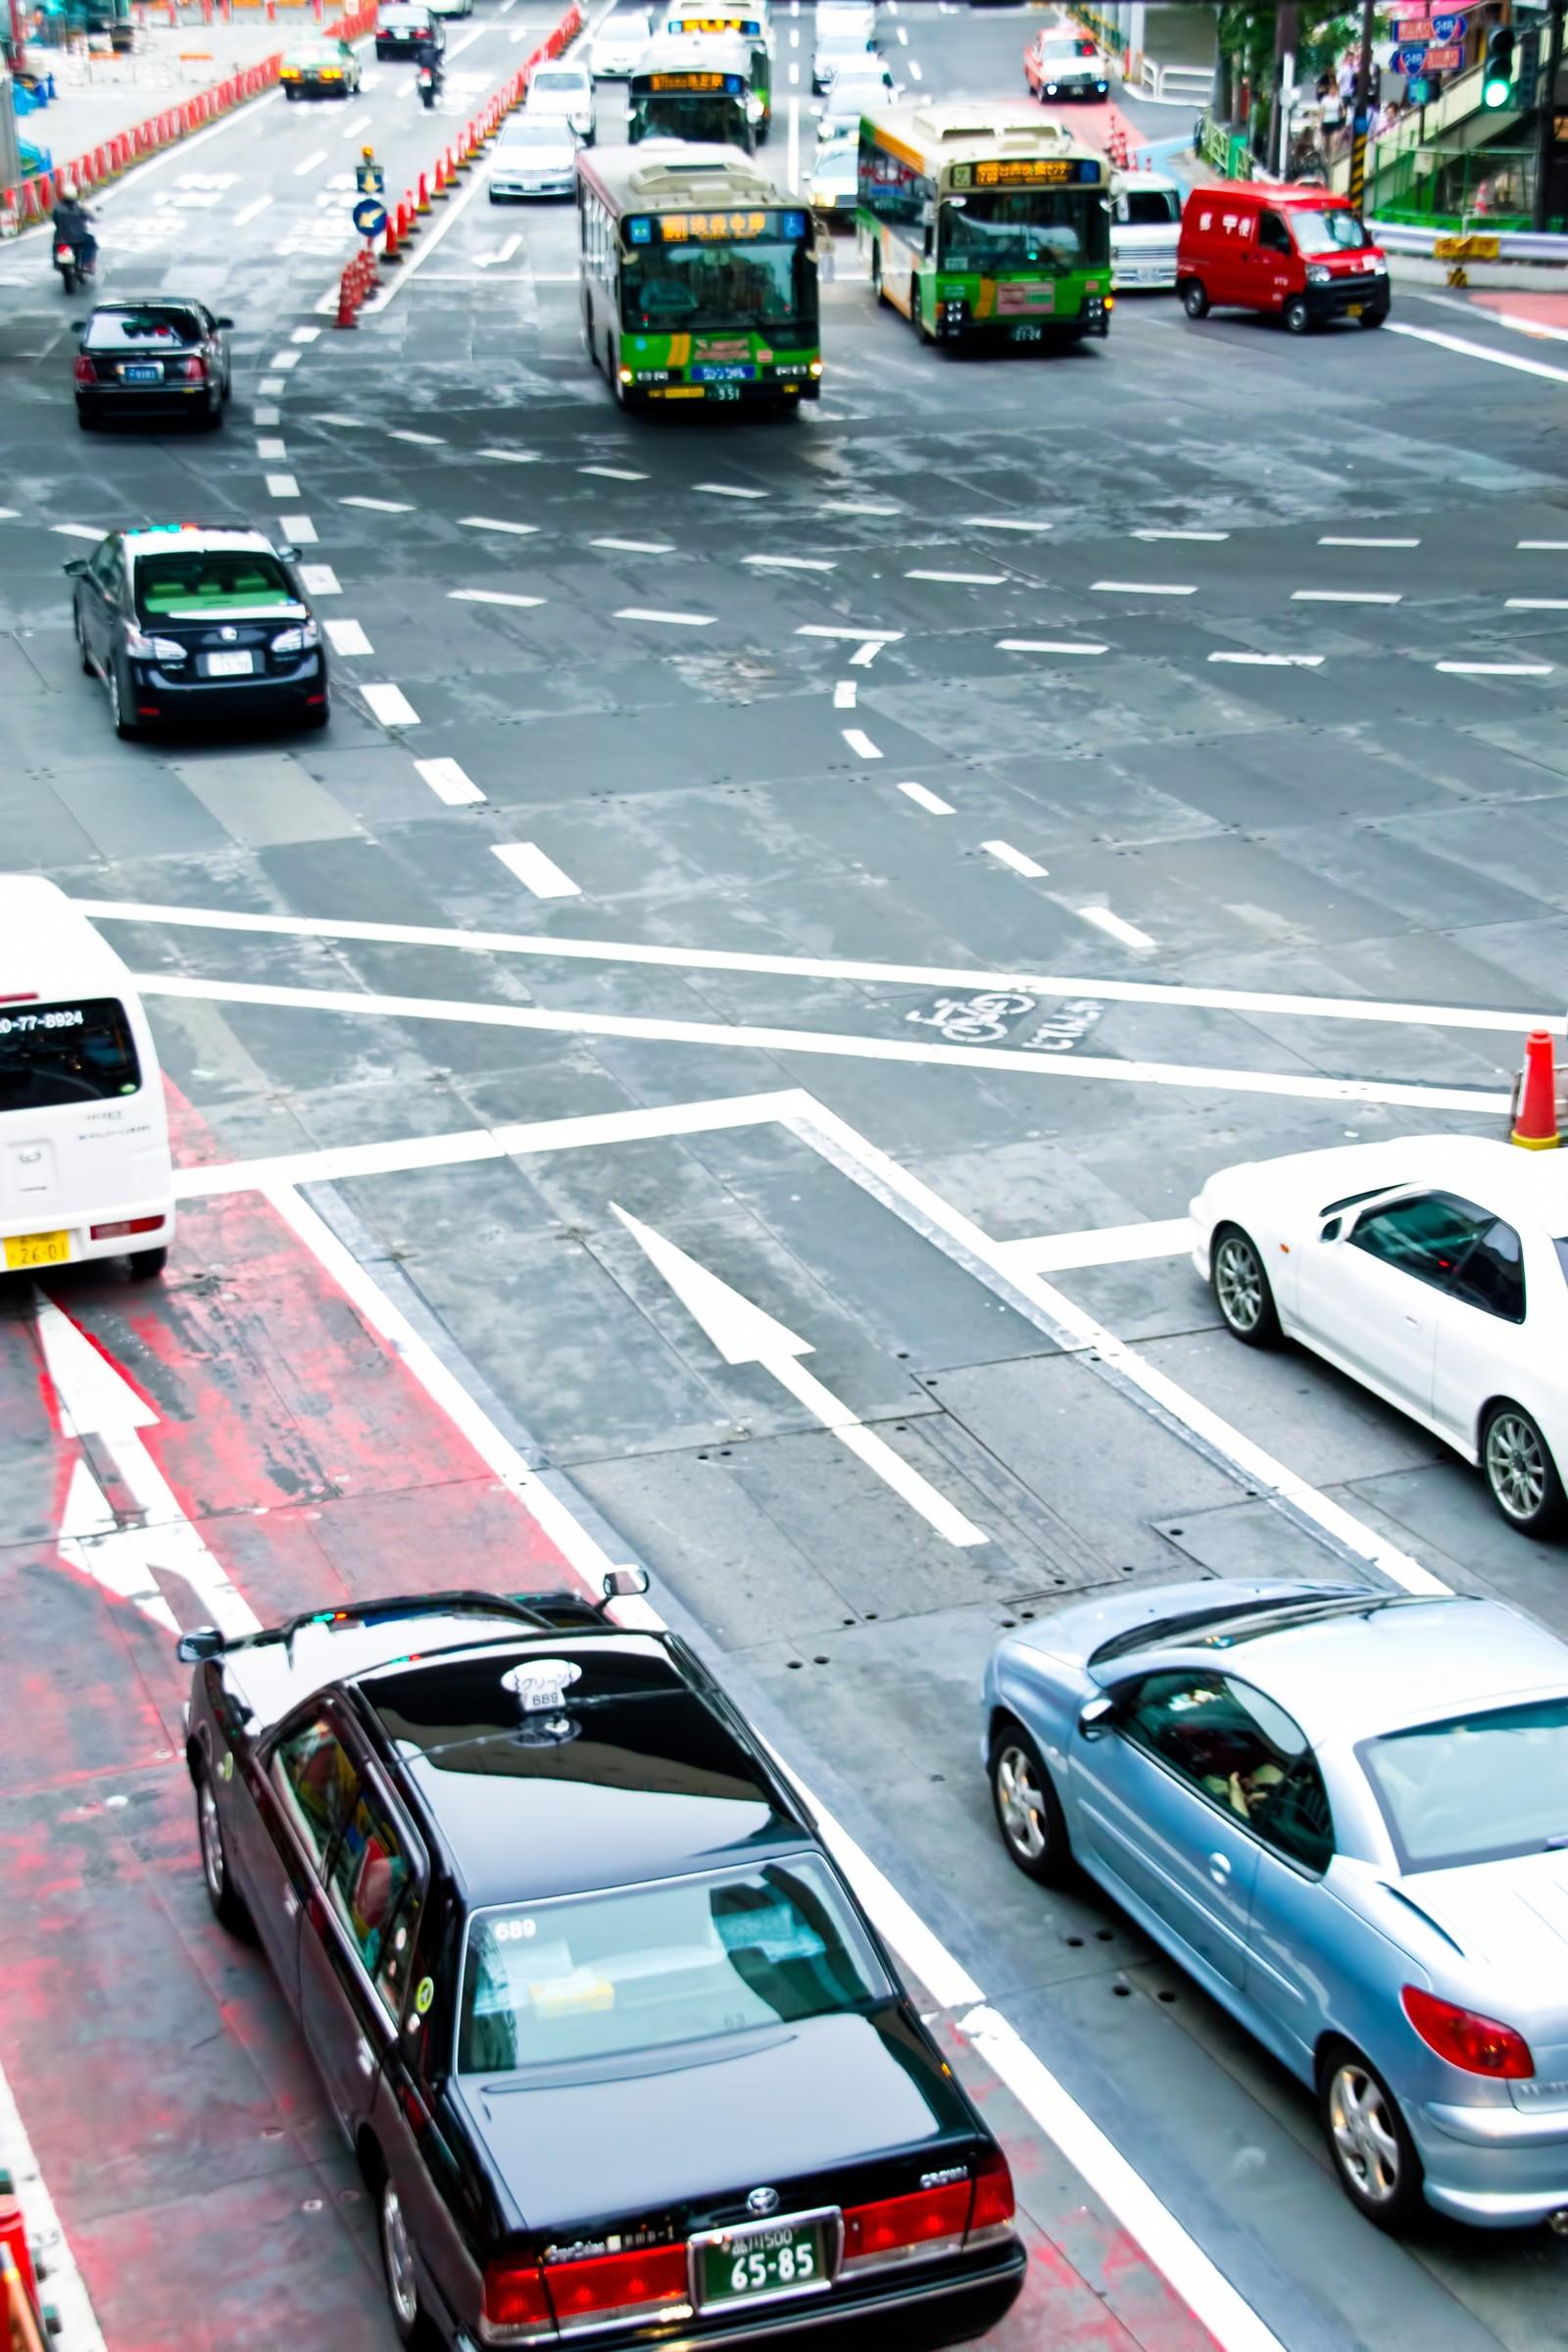 【初心者向け】交差点での右折と左折するときの注意点について?